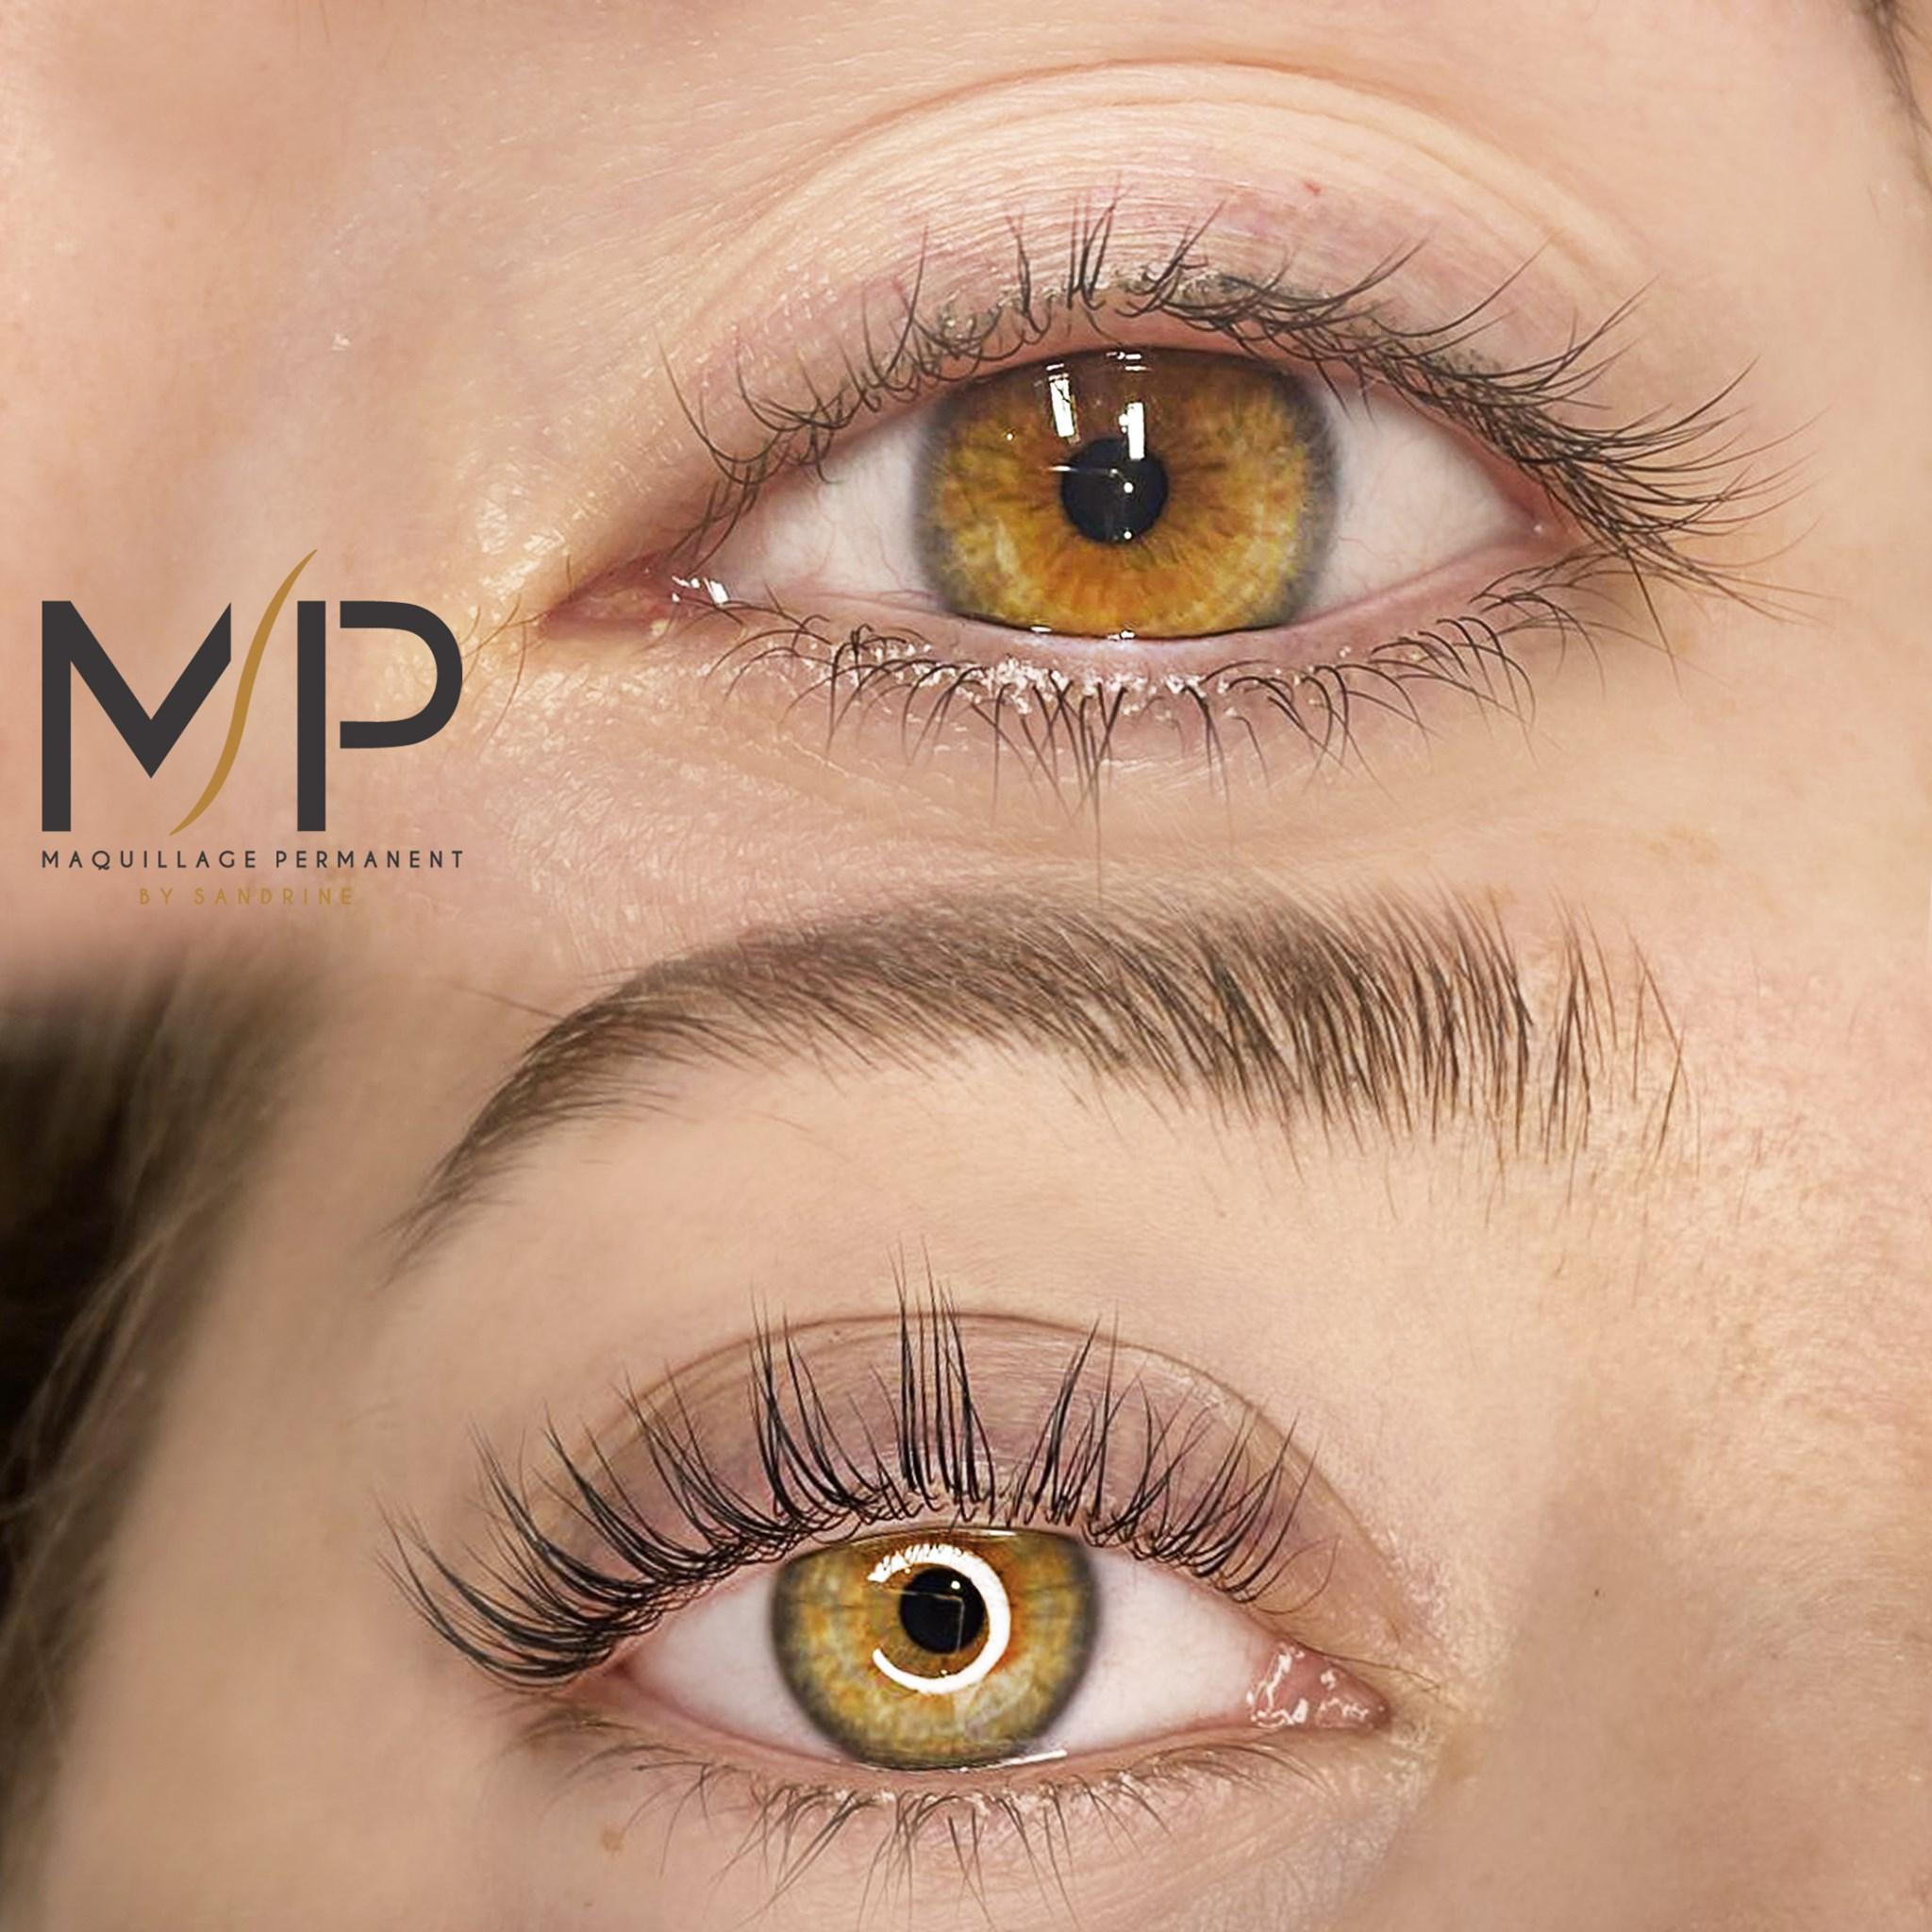 Réhaussement de cils à Montpellier - Maquillage permanent by Sandrine